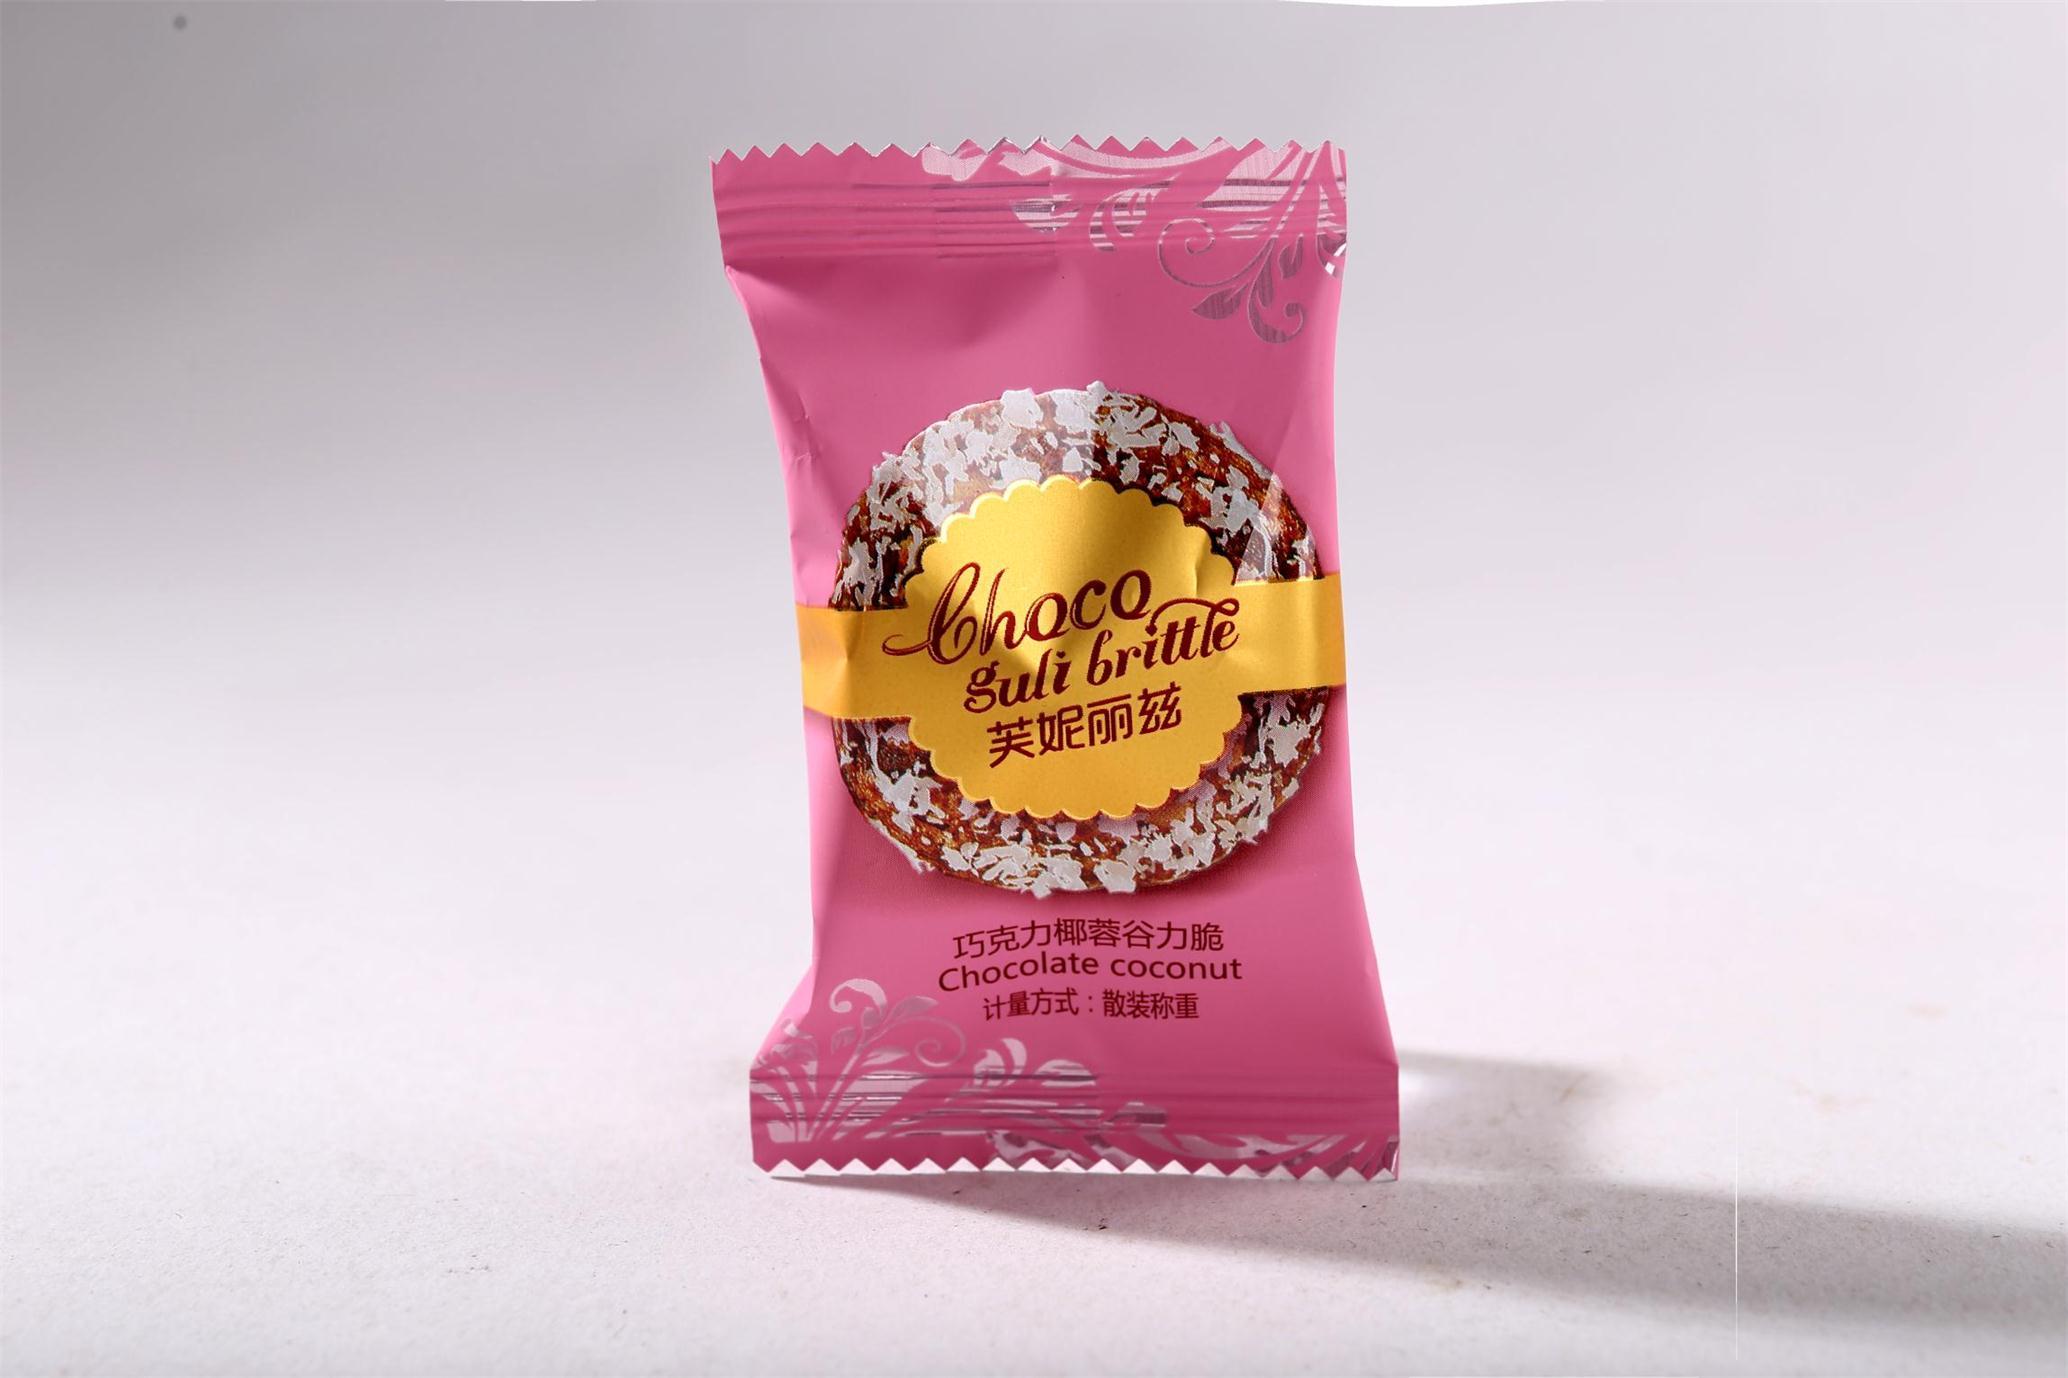 隆兴食品供应报价合理的椰蓉谷力脆 巧克力价位